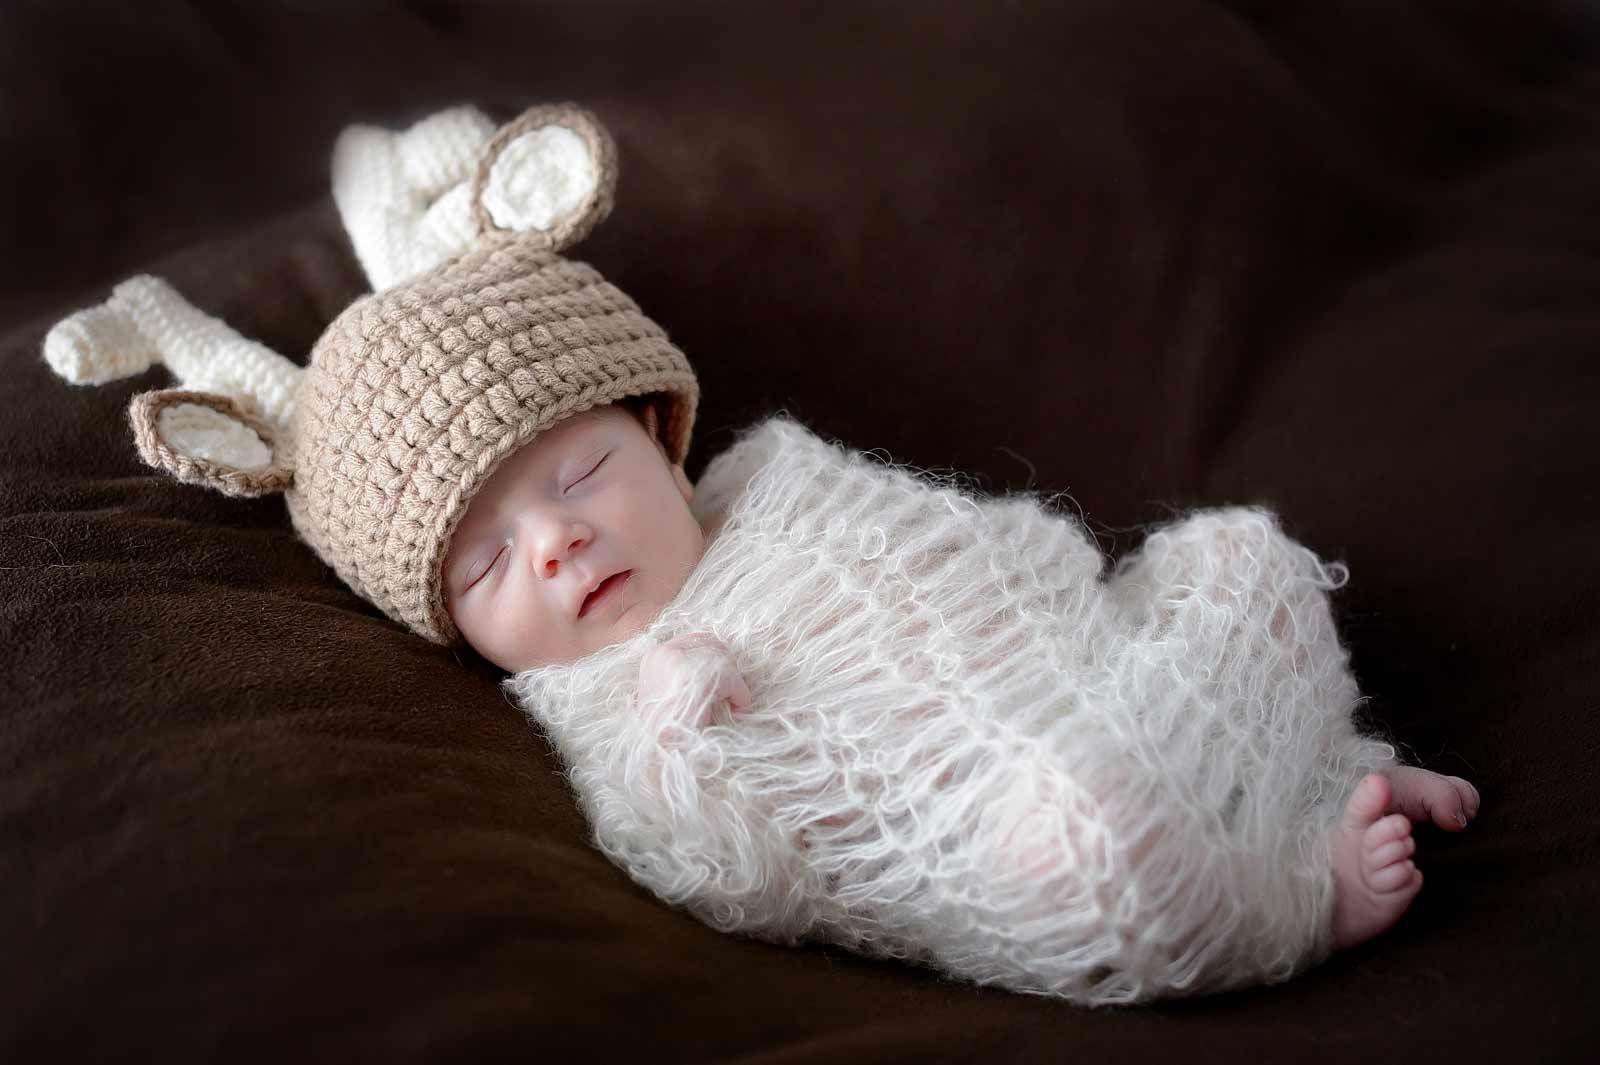 Everly-newborn-sneakpeek-10